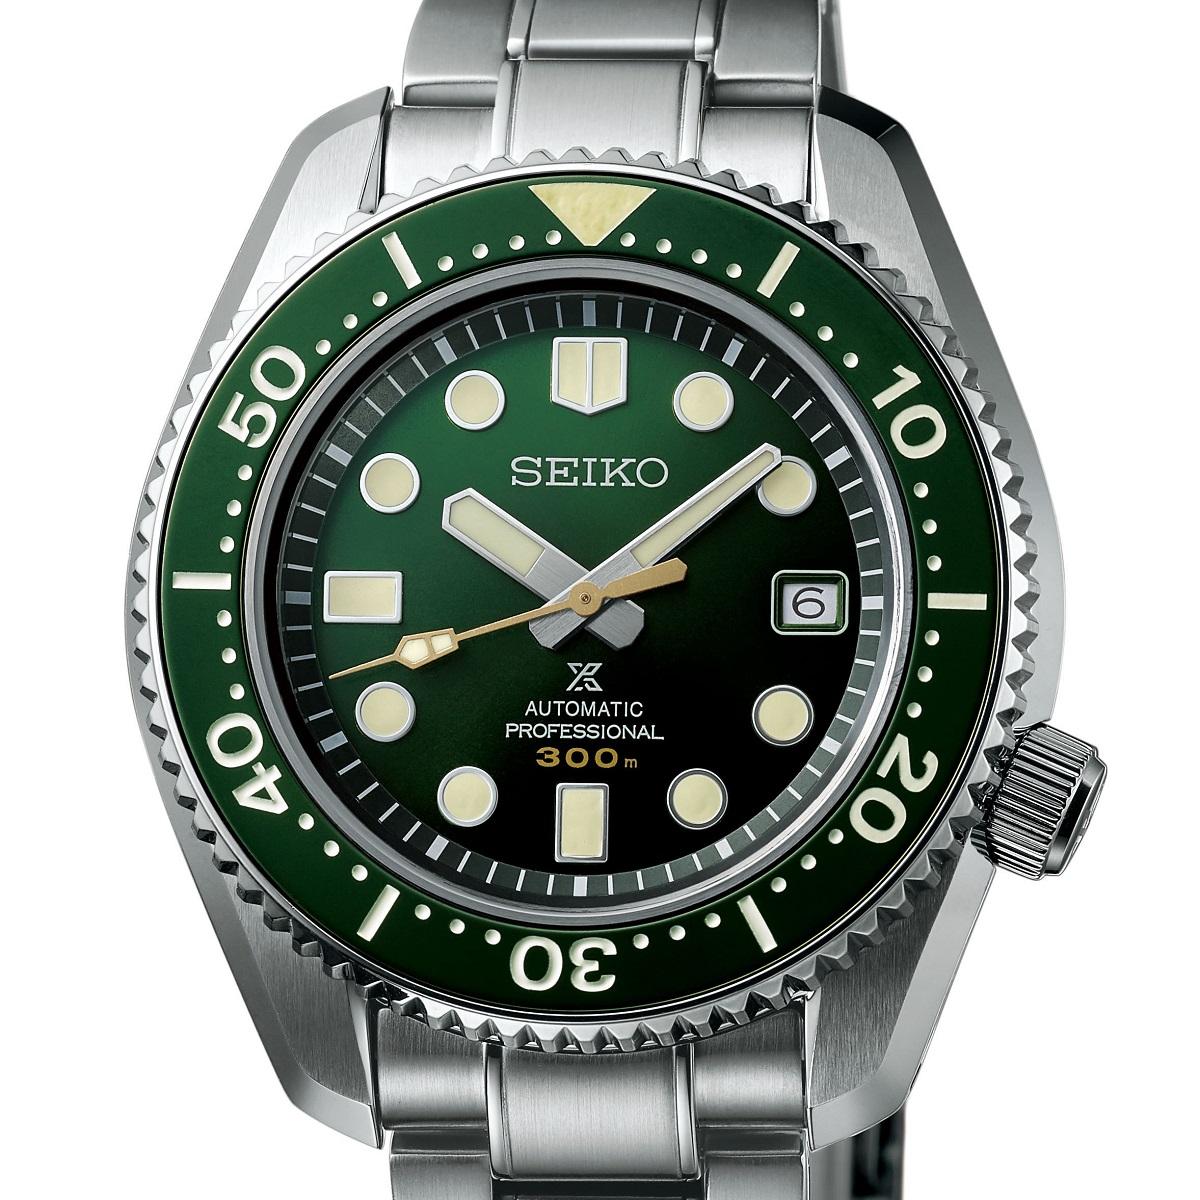 Quelle montre automatique - Page 4 Seiko-Prospex-SLA019-Limited-Edition-Dive-Watch-02